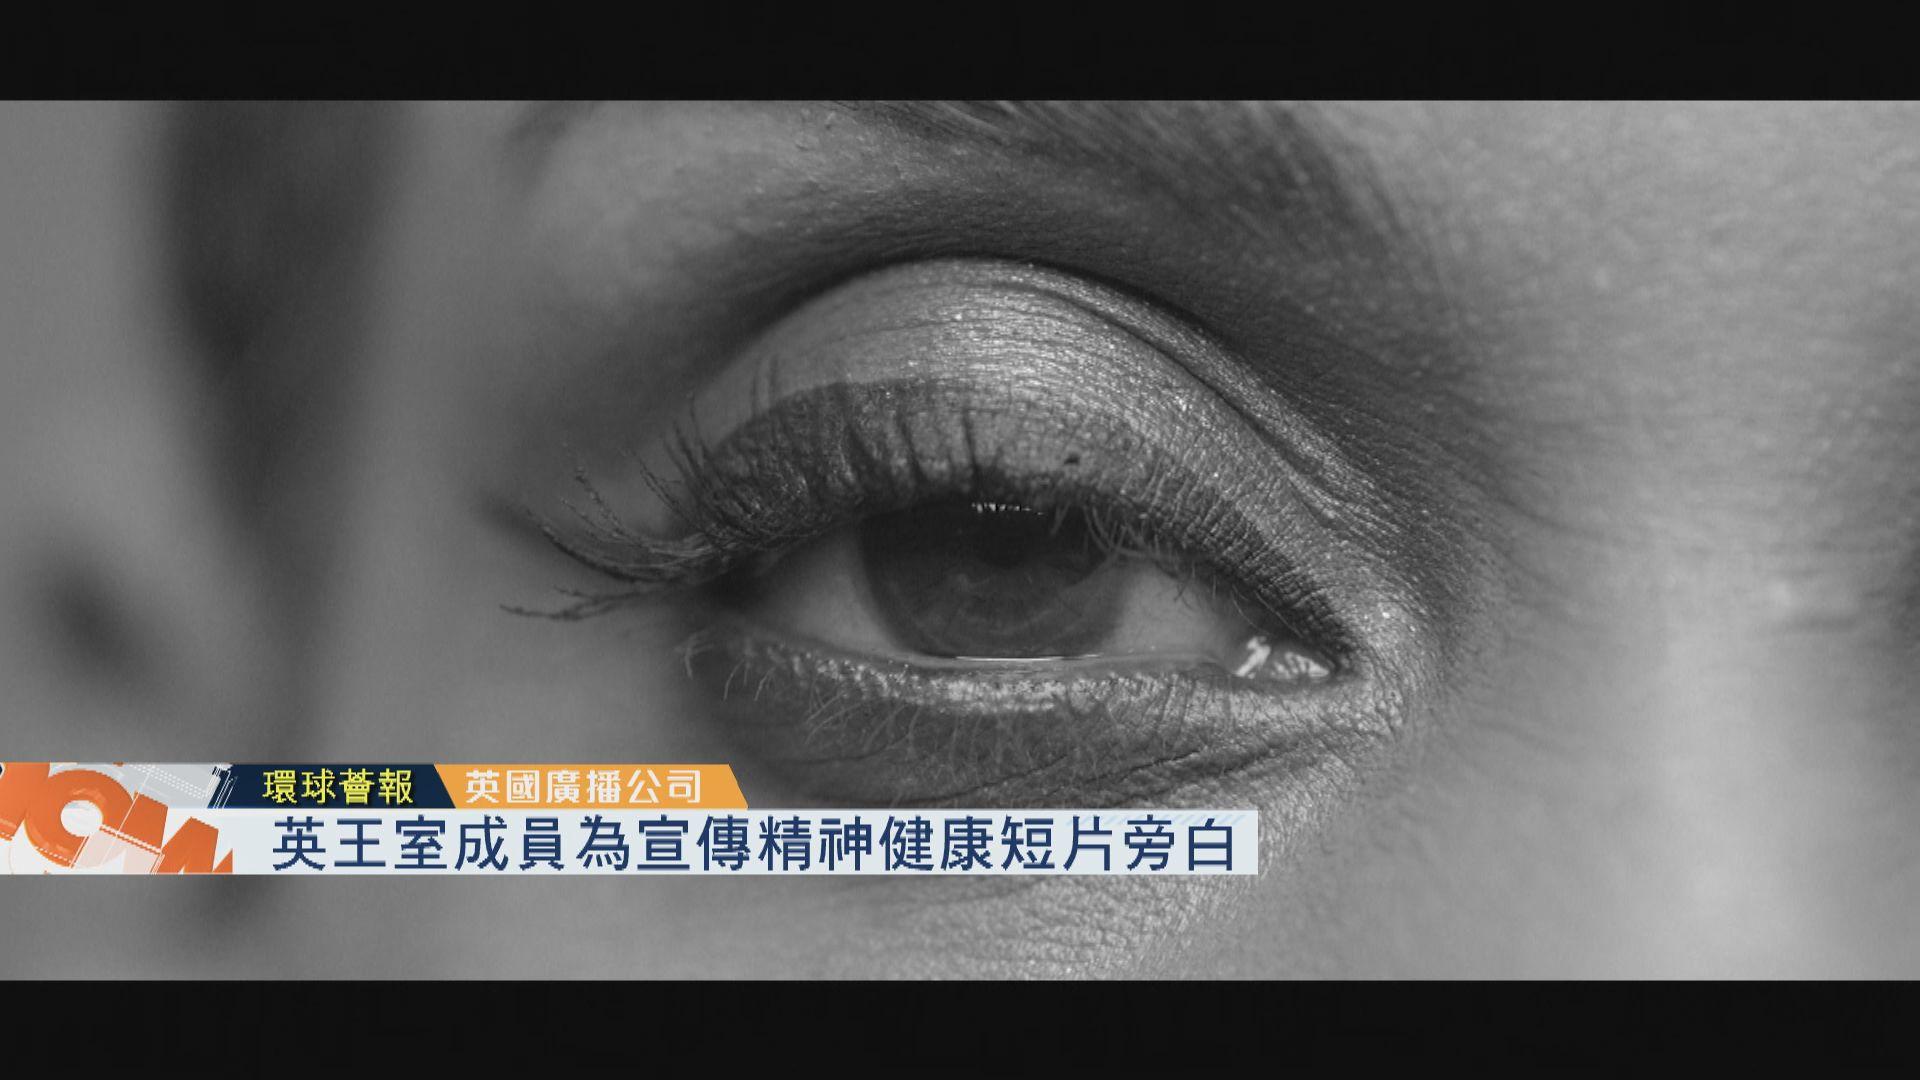 【環球薈報】英王室成員為宣傳精神健康短片旁白